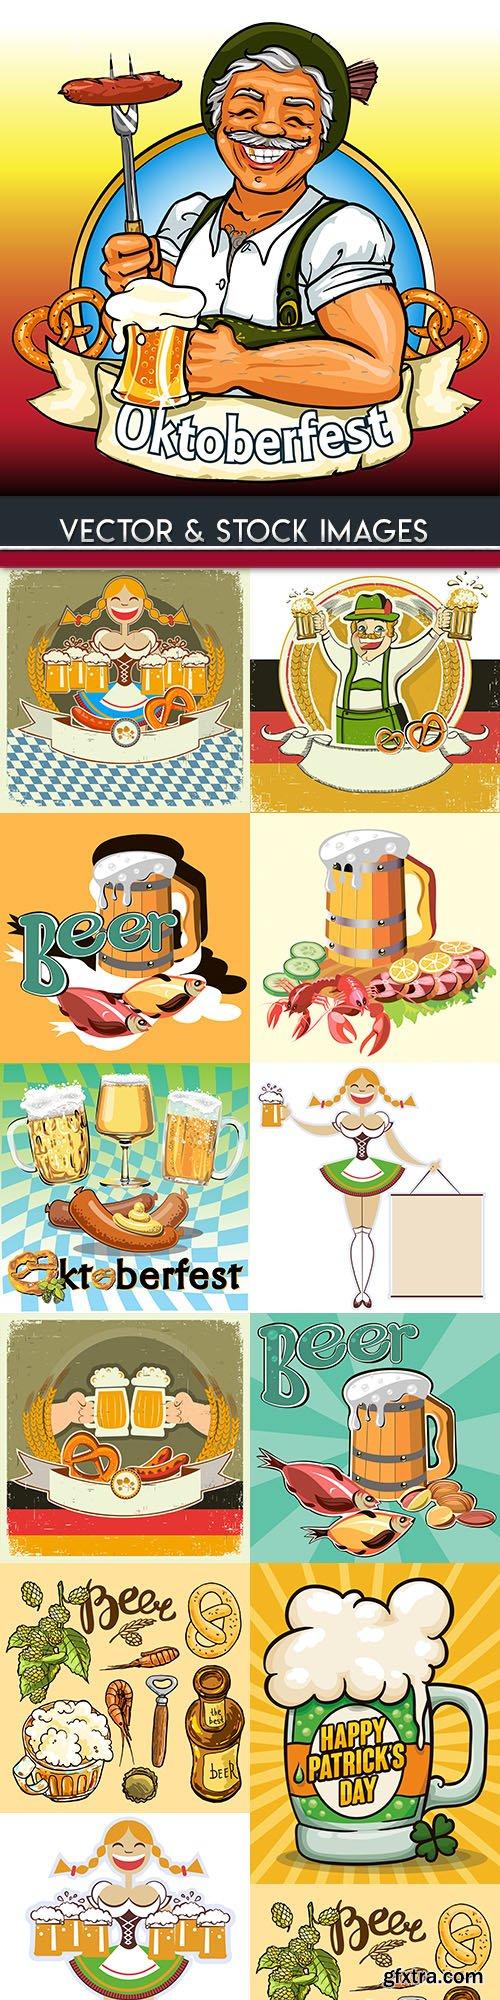 Oktoberfest beer vintage illustration collection